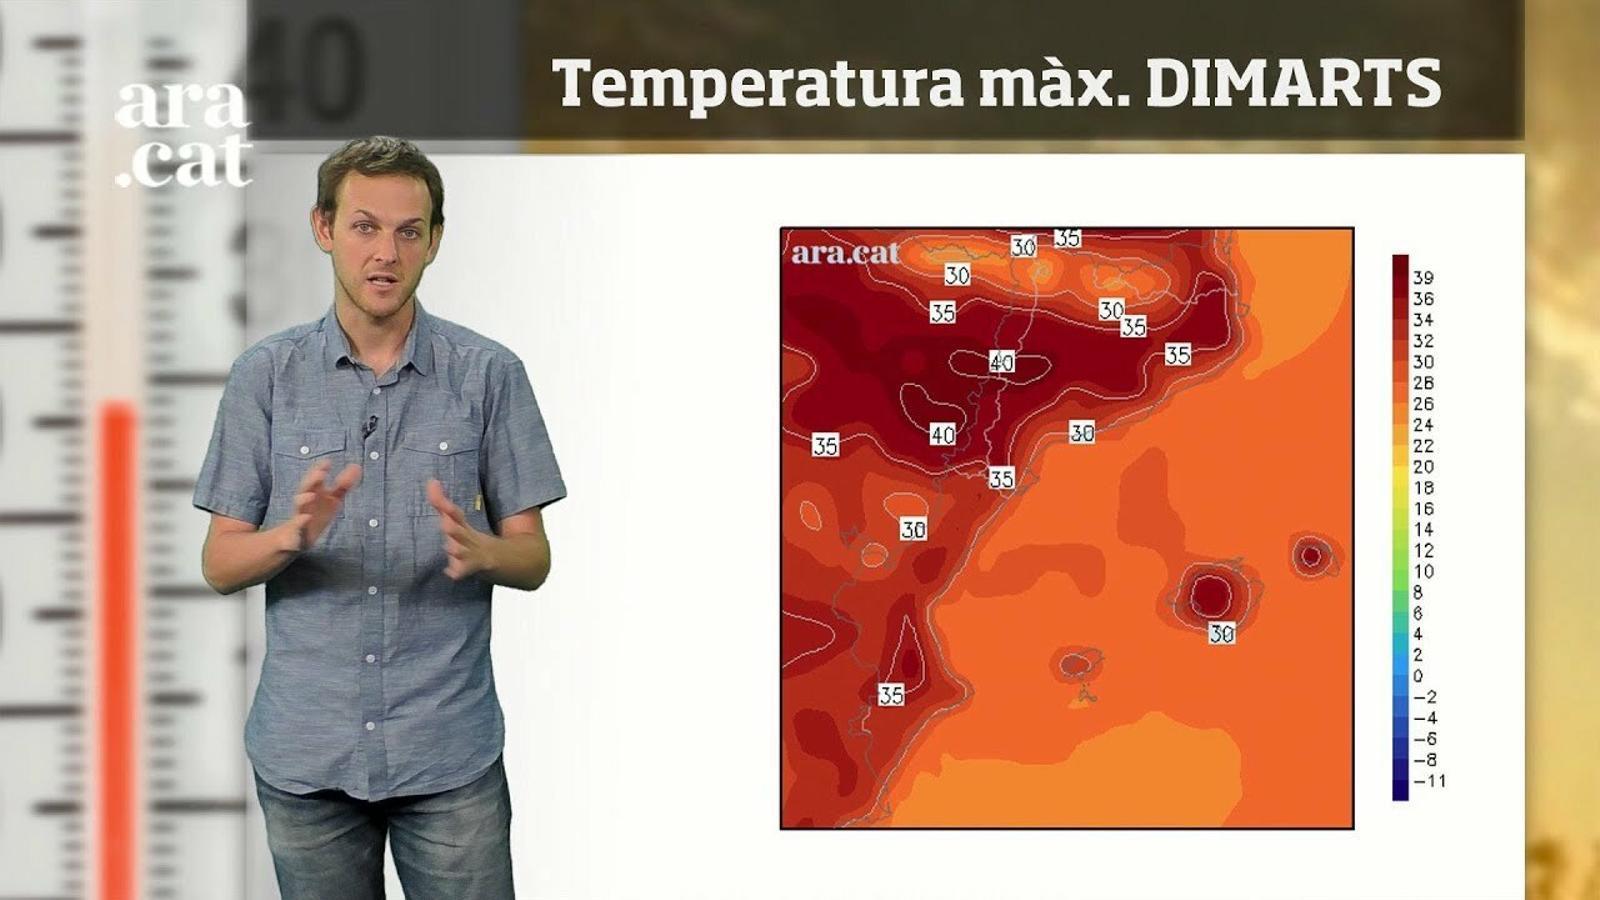 Méteo especial: comença l'onada de calor